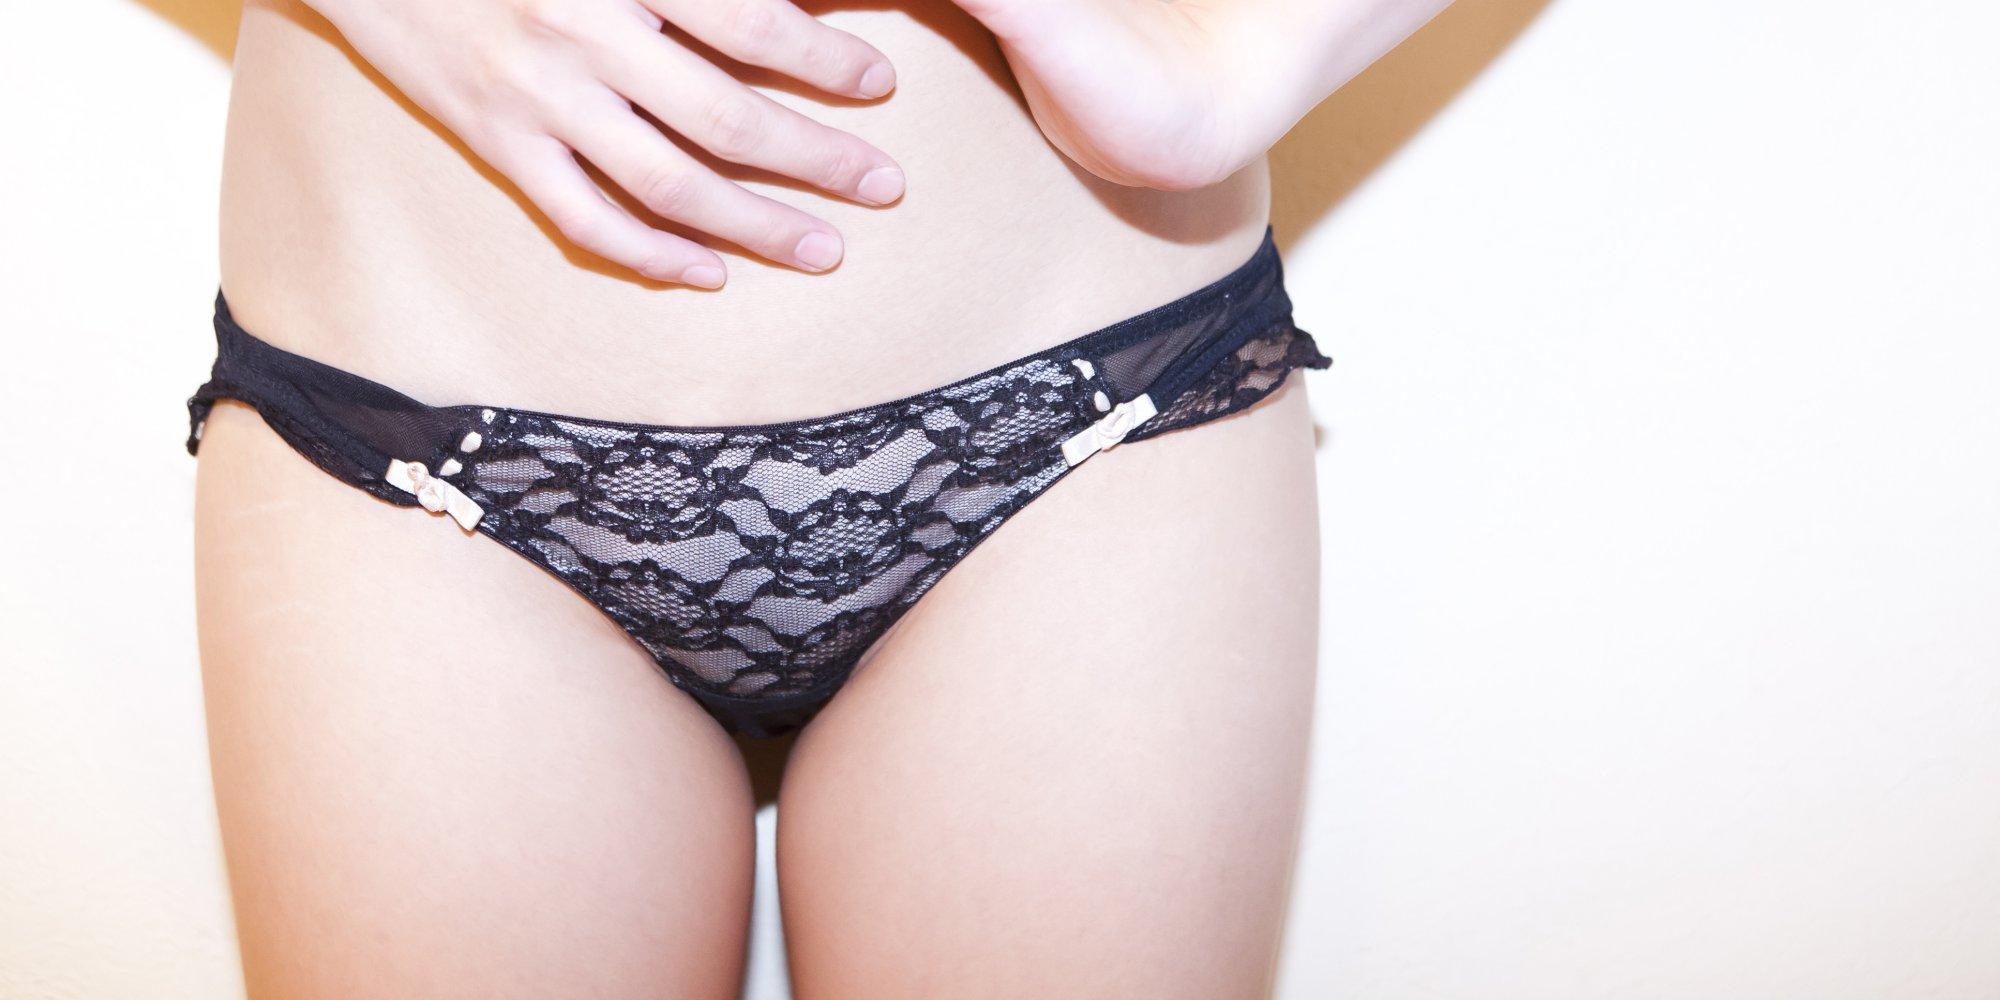 Hot mature nude selfies tumblr